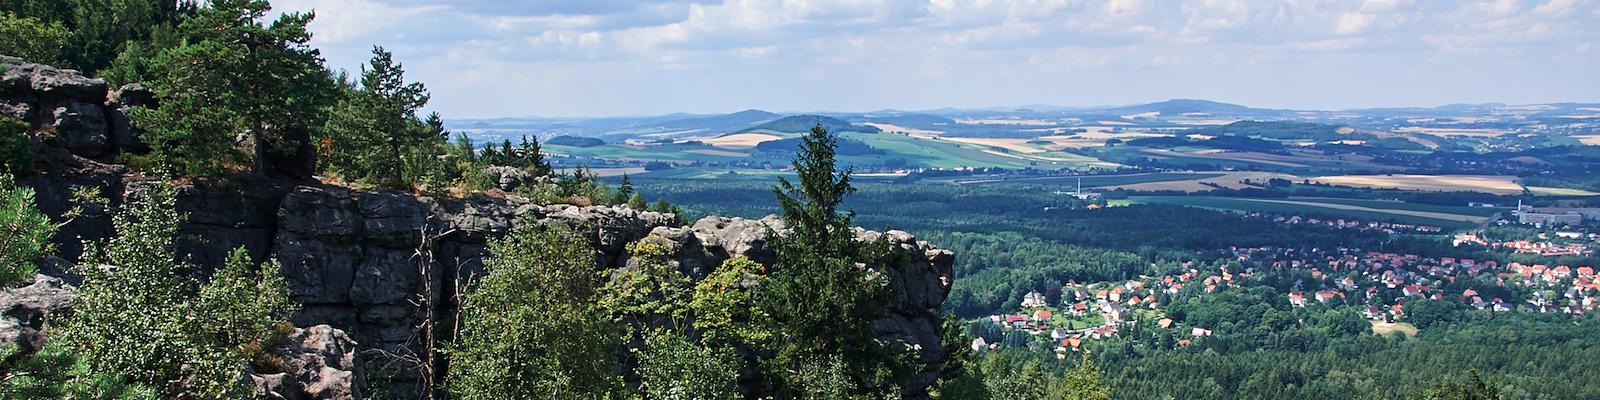 Zittau - Große Wanderung ins Zittauer Gebirge